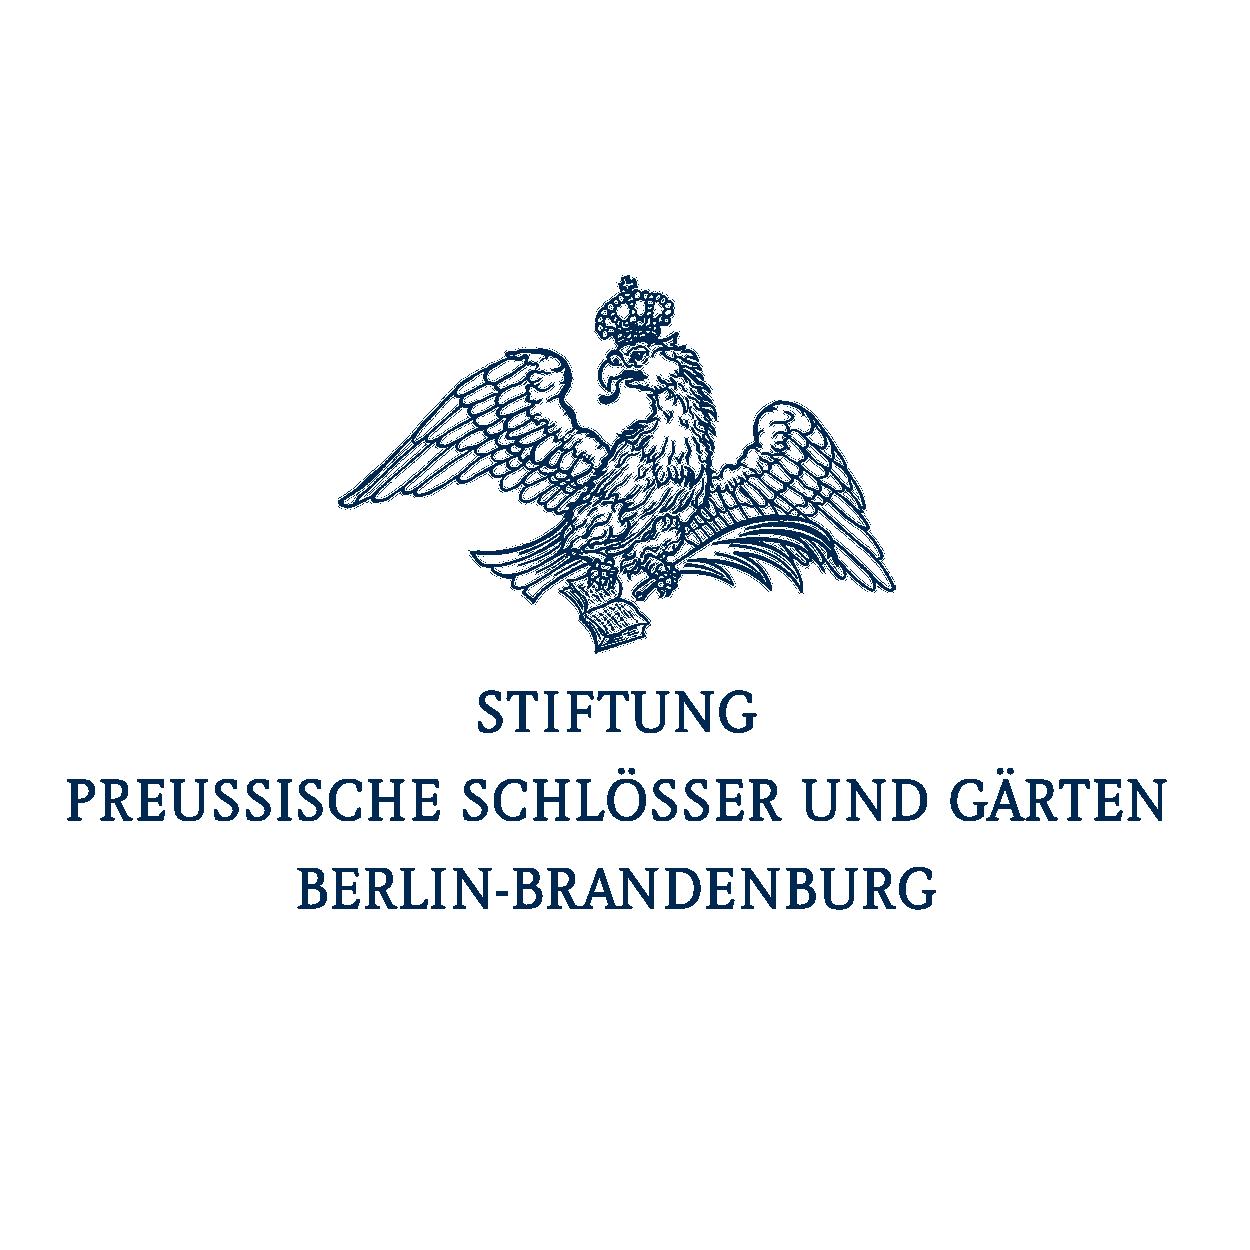 Stiftung Preussische Schlösser und Gärten Berlin-Brandenburg